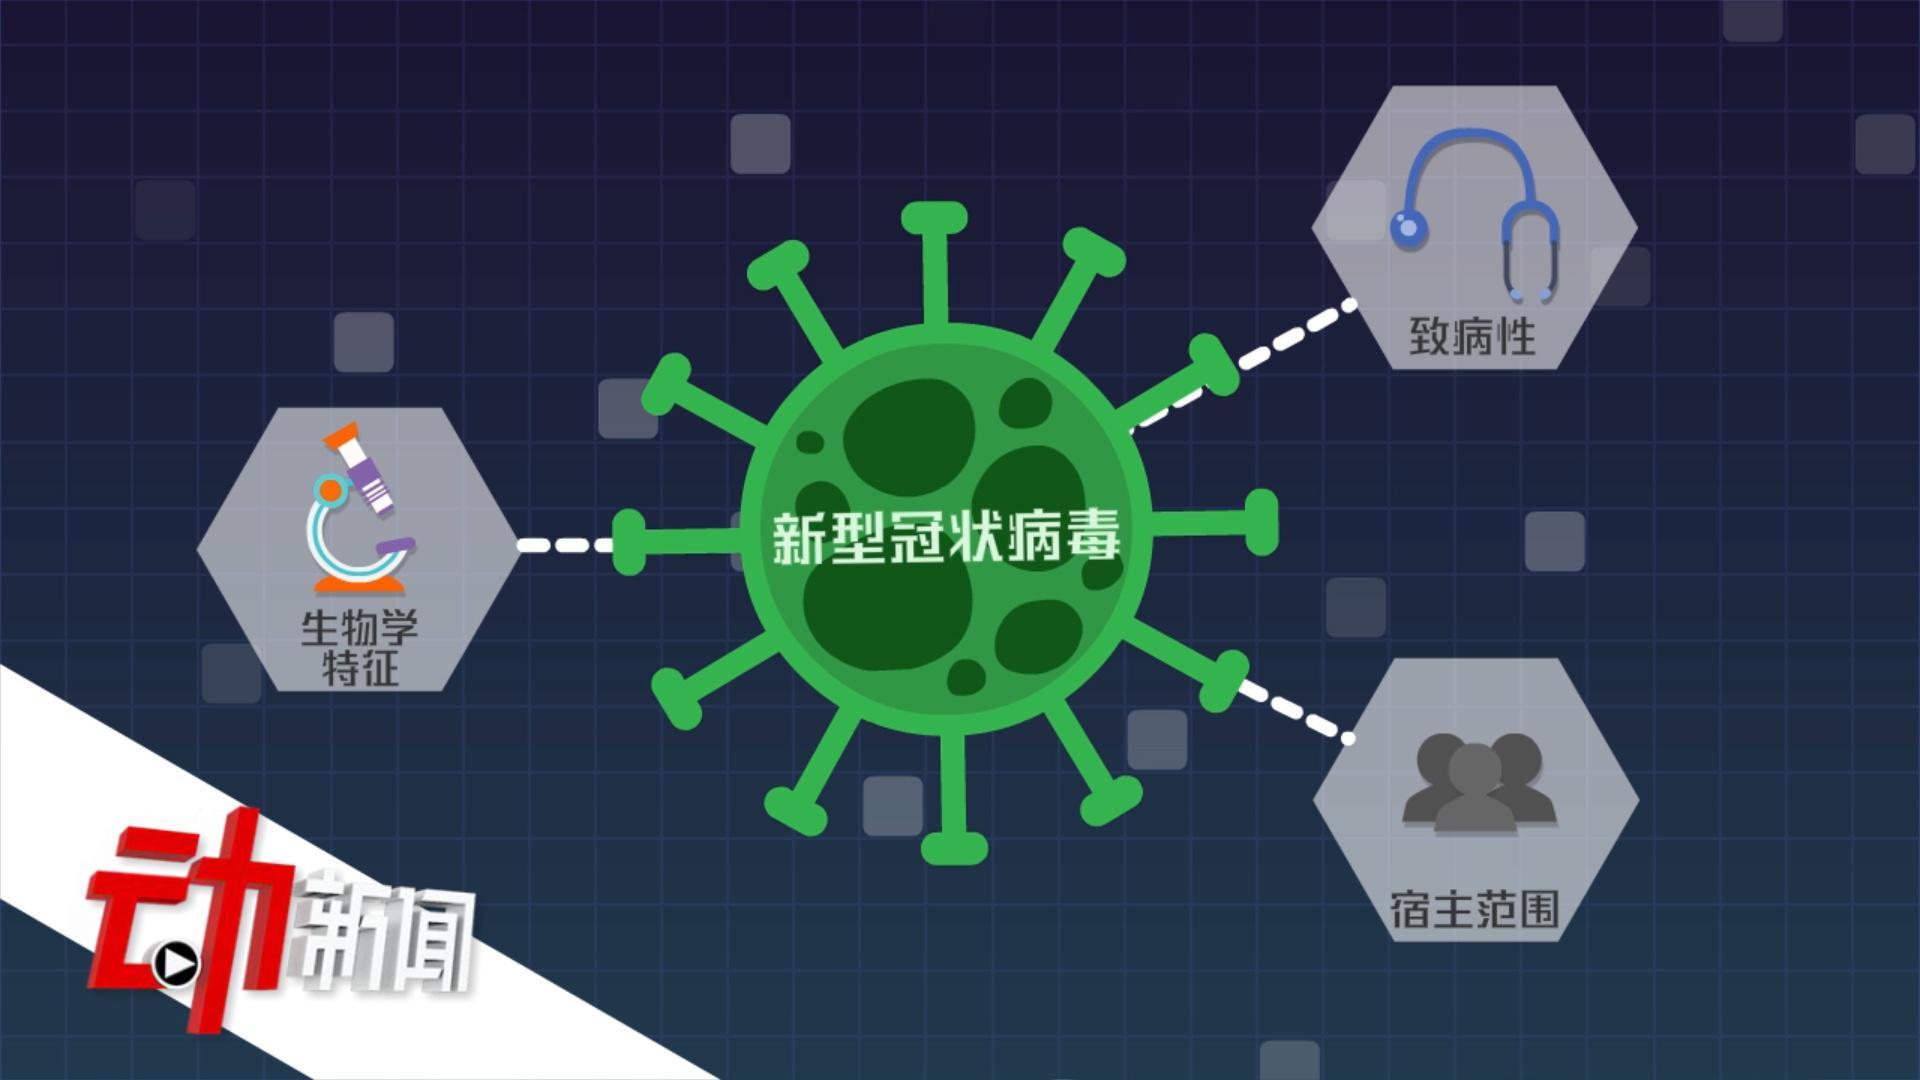 新冠病毒与SARS冠状病毒同组不同种 动画科普两者有啥区别?